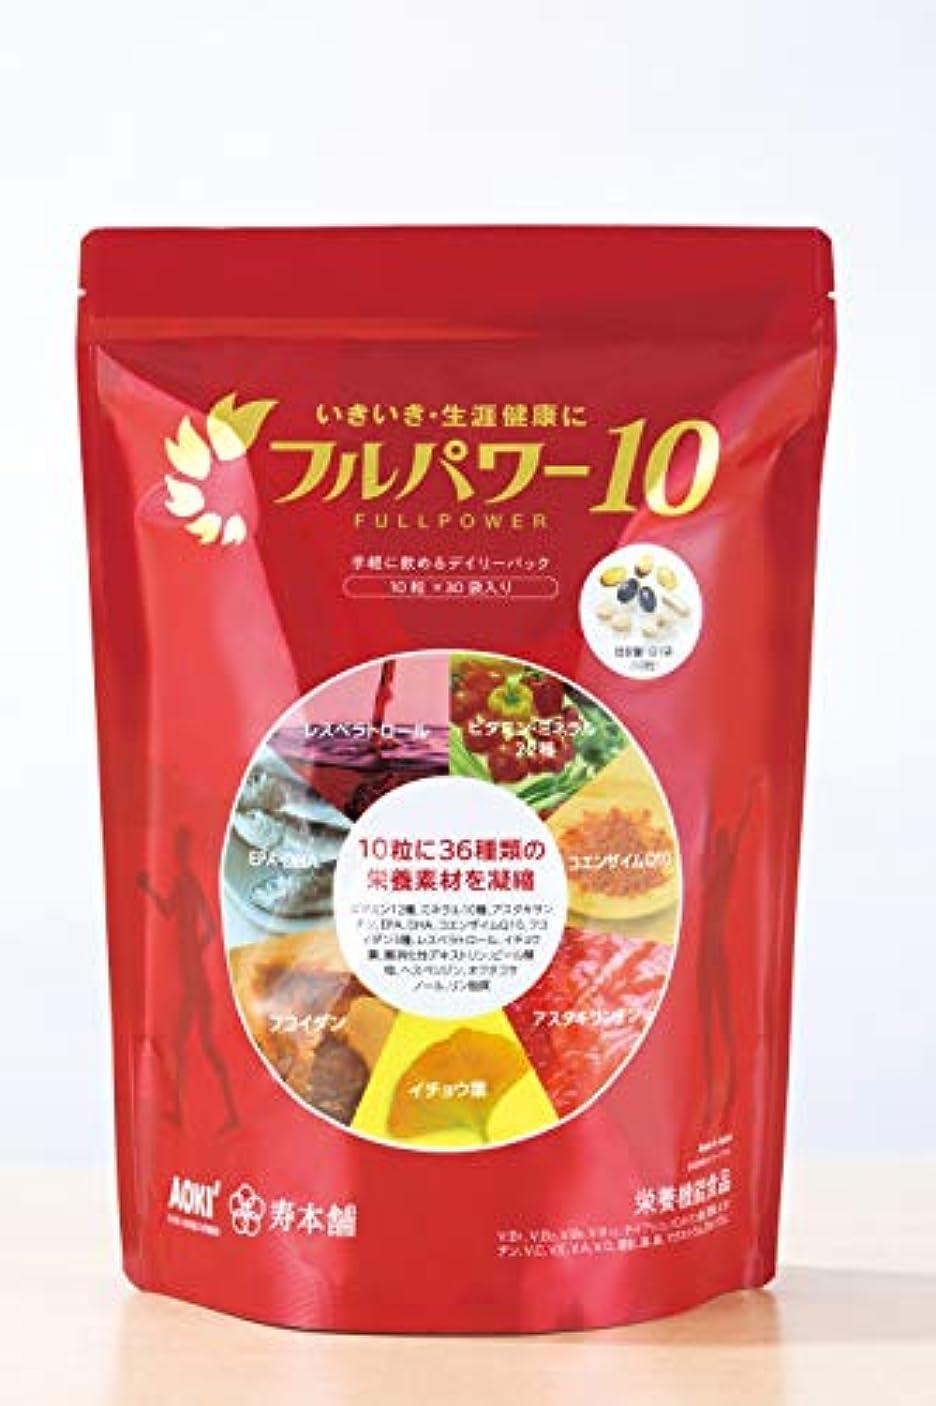 社会学ホールド真夜中フルパワー10[30袋入](1袋10粒入)×3不足しやすい栄養を補給するサプリメント